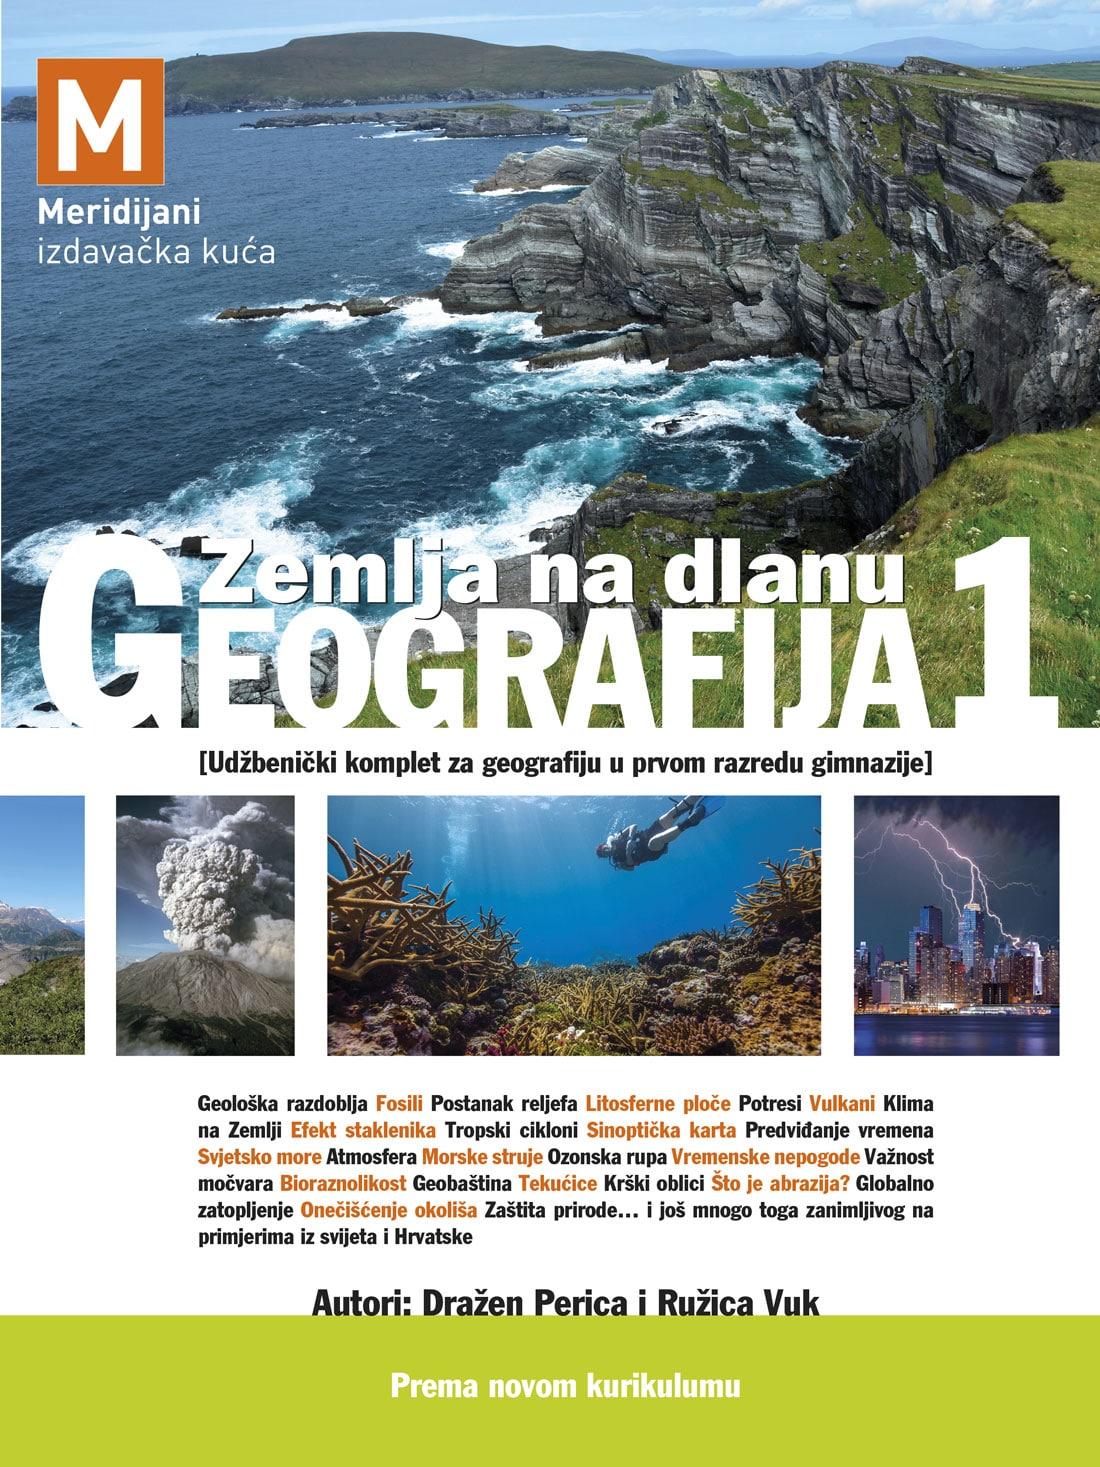 GEOGRAFIJA 1- ZEMLJA NA DLANU -  : Udžbenički komplet za geografiju u  prvom razredu gimnazije (tiskani udžbenik + dodatni digitalni sadržaji) autora Ružica Vuk  Dražen Perica